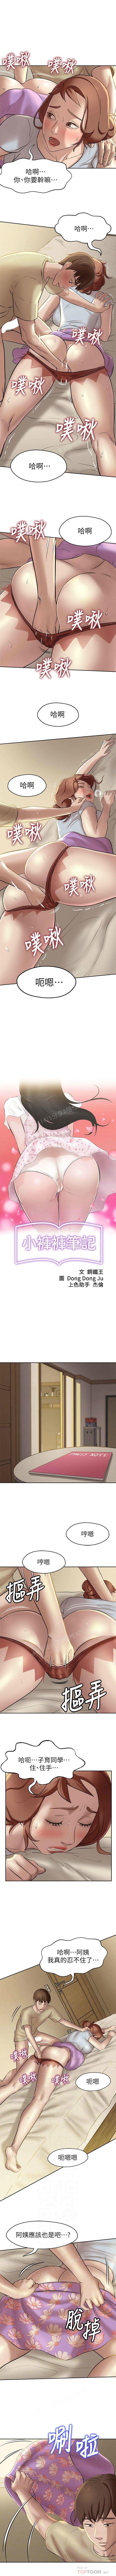 panty note 小褲褲筆記 小裤裤笔记 01-35 连载中 中文 重新排序 Reorder 72